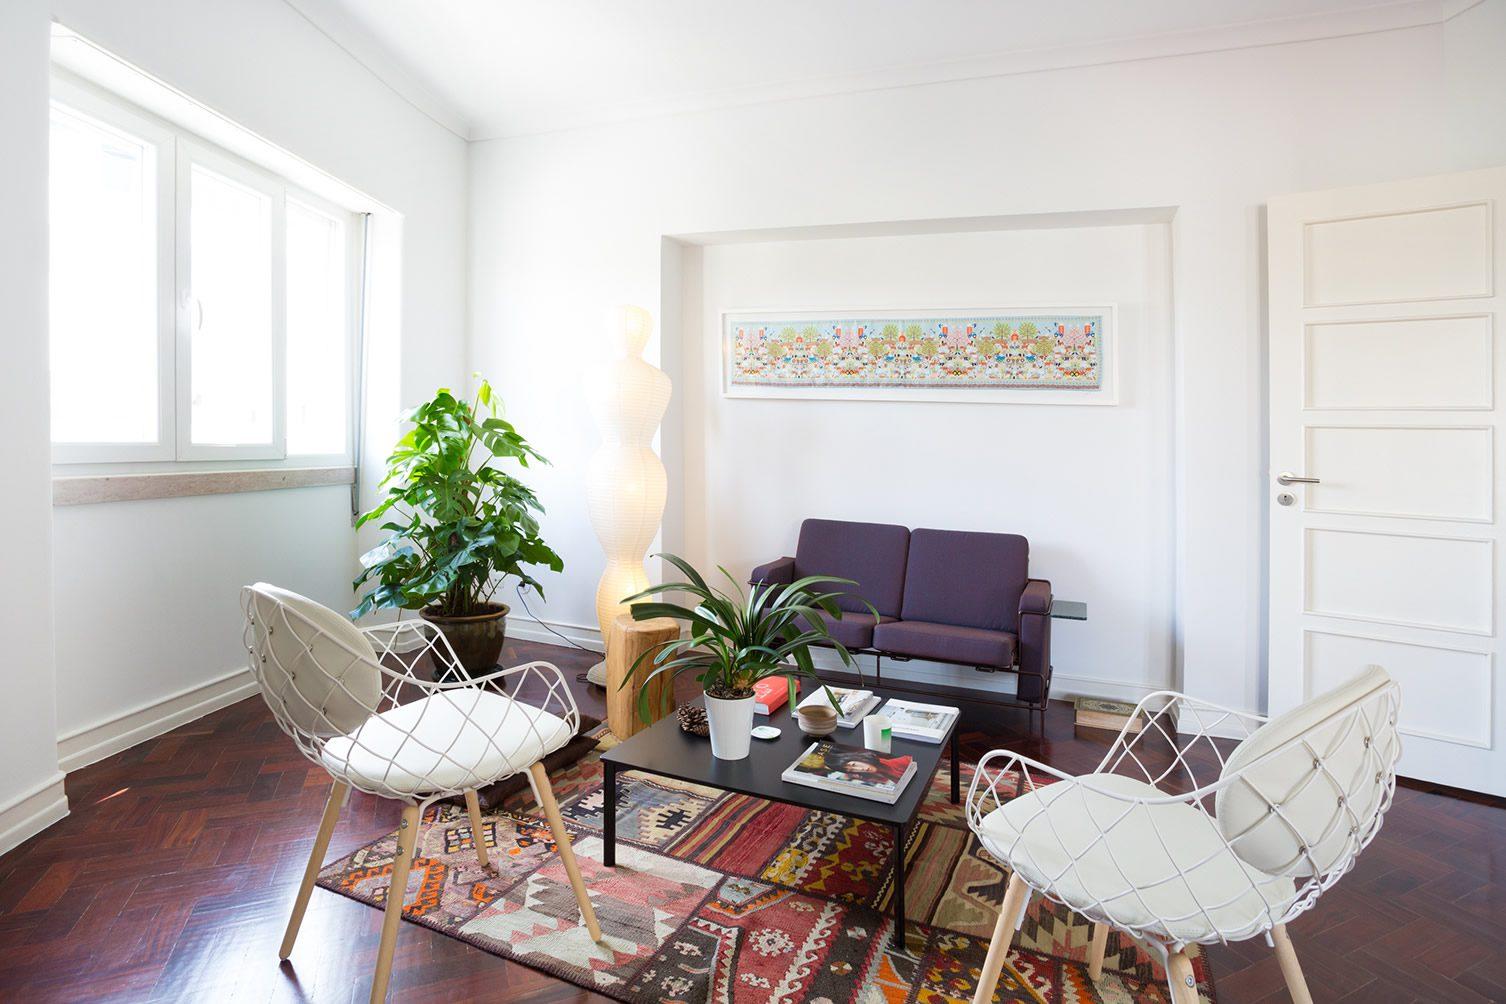 O Apartmento, Lisbon